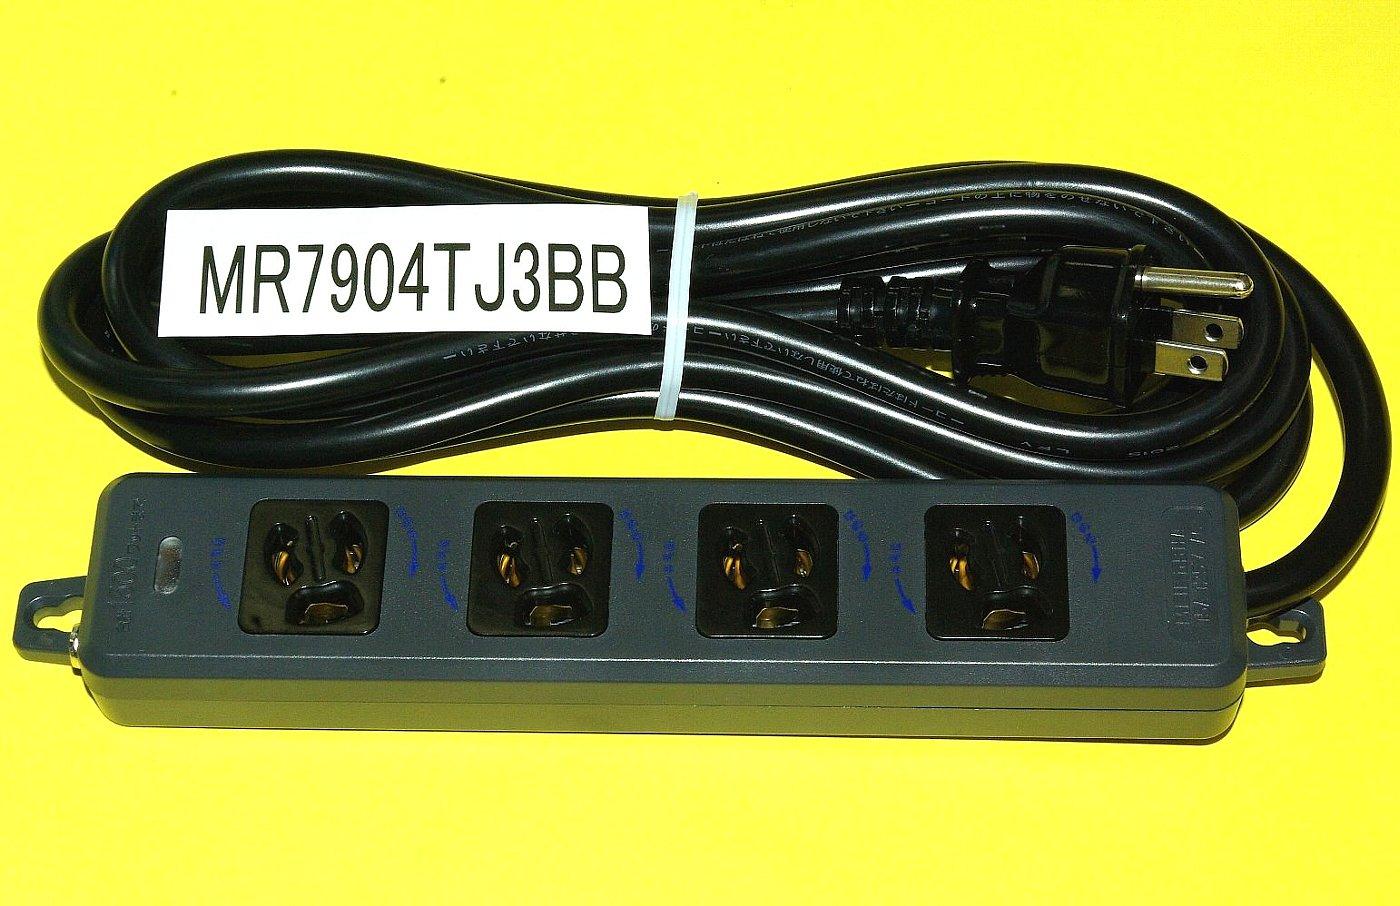 黒い電源 タップ3mコード付画像